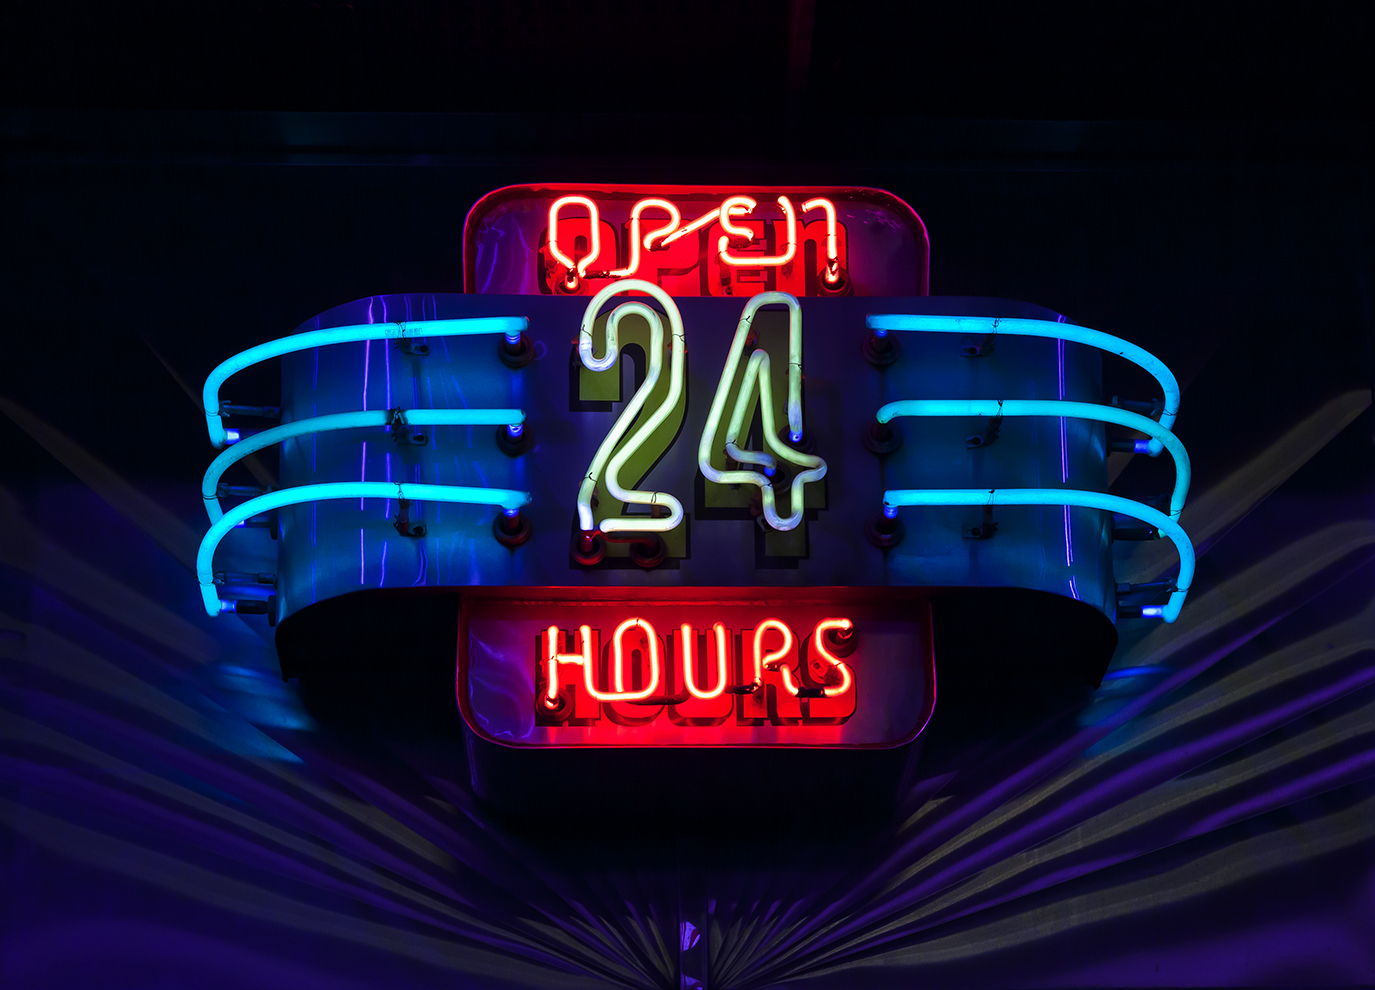 Still_Life_open 24hrs-4202.jpg